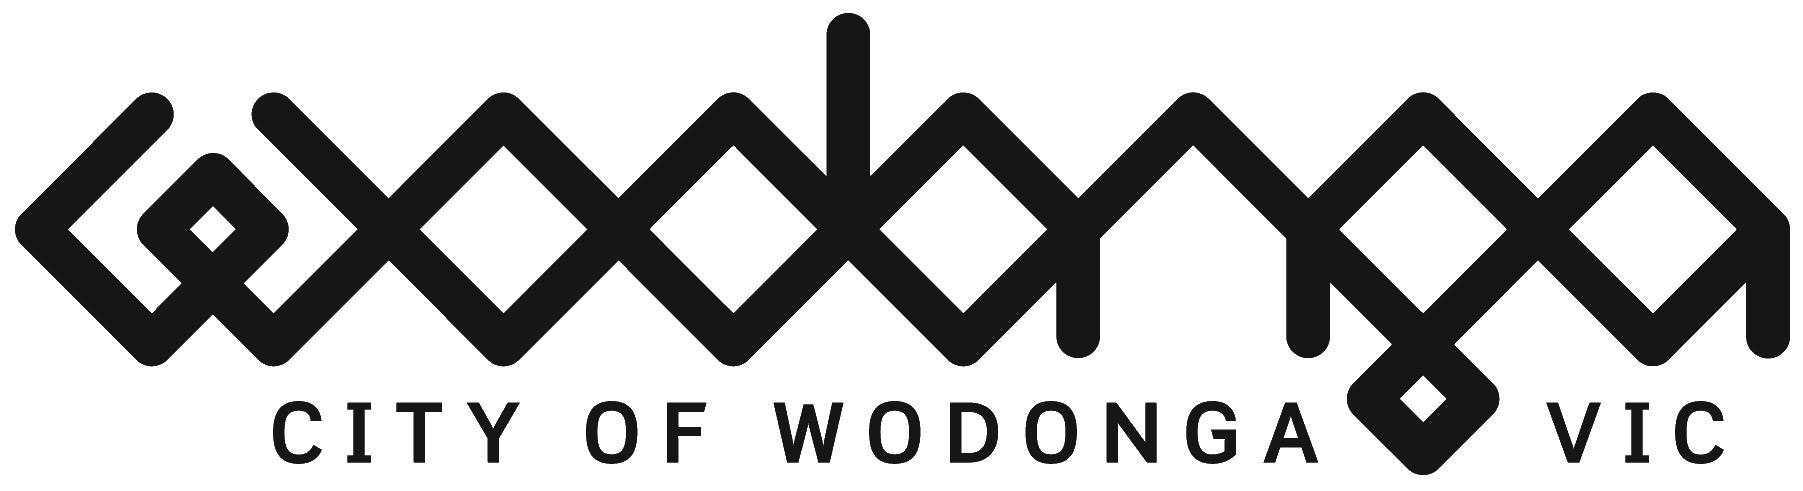 Wodonga.png